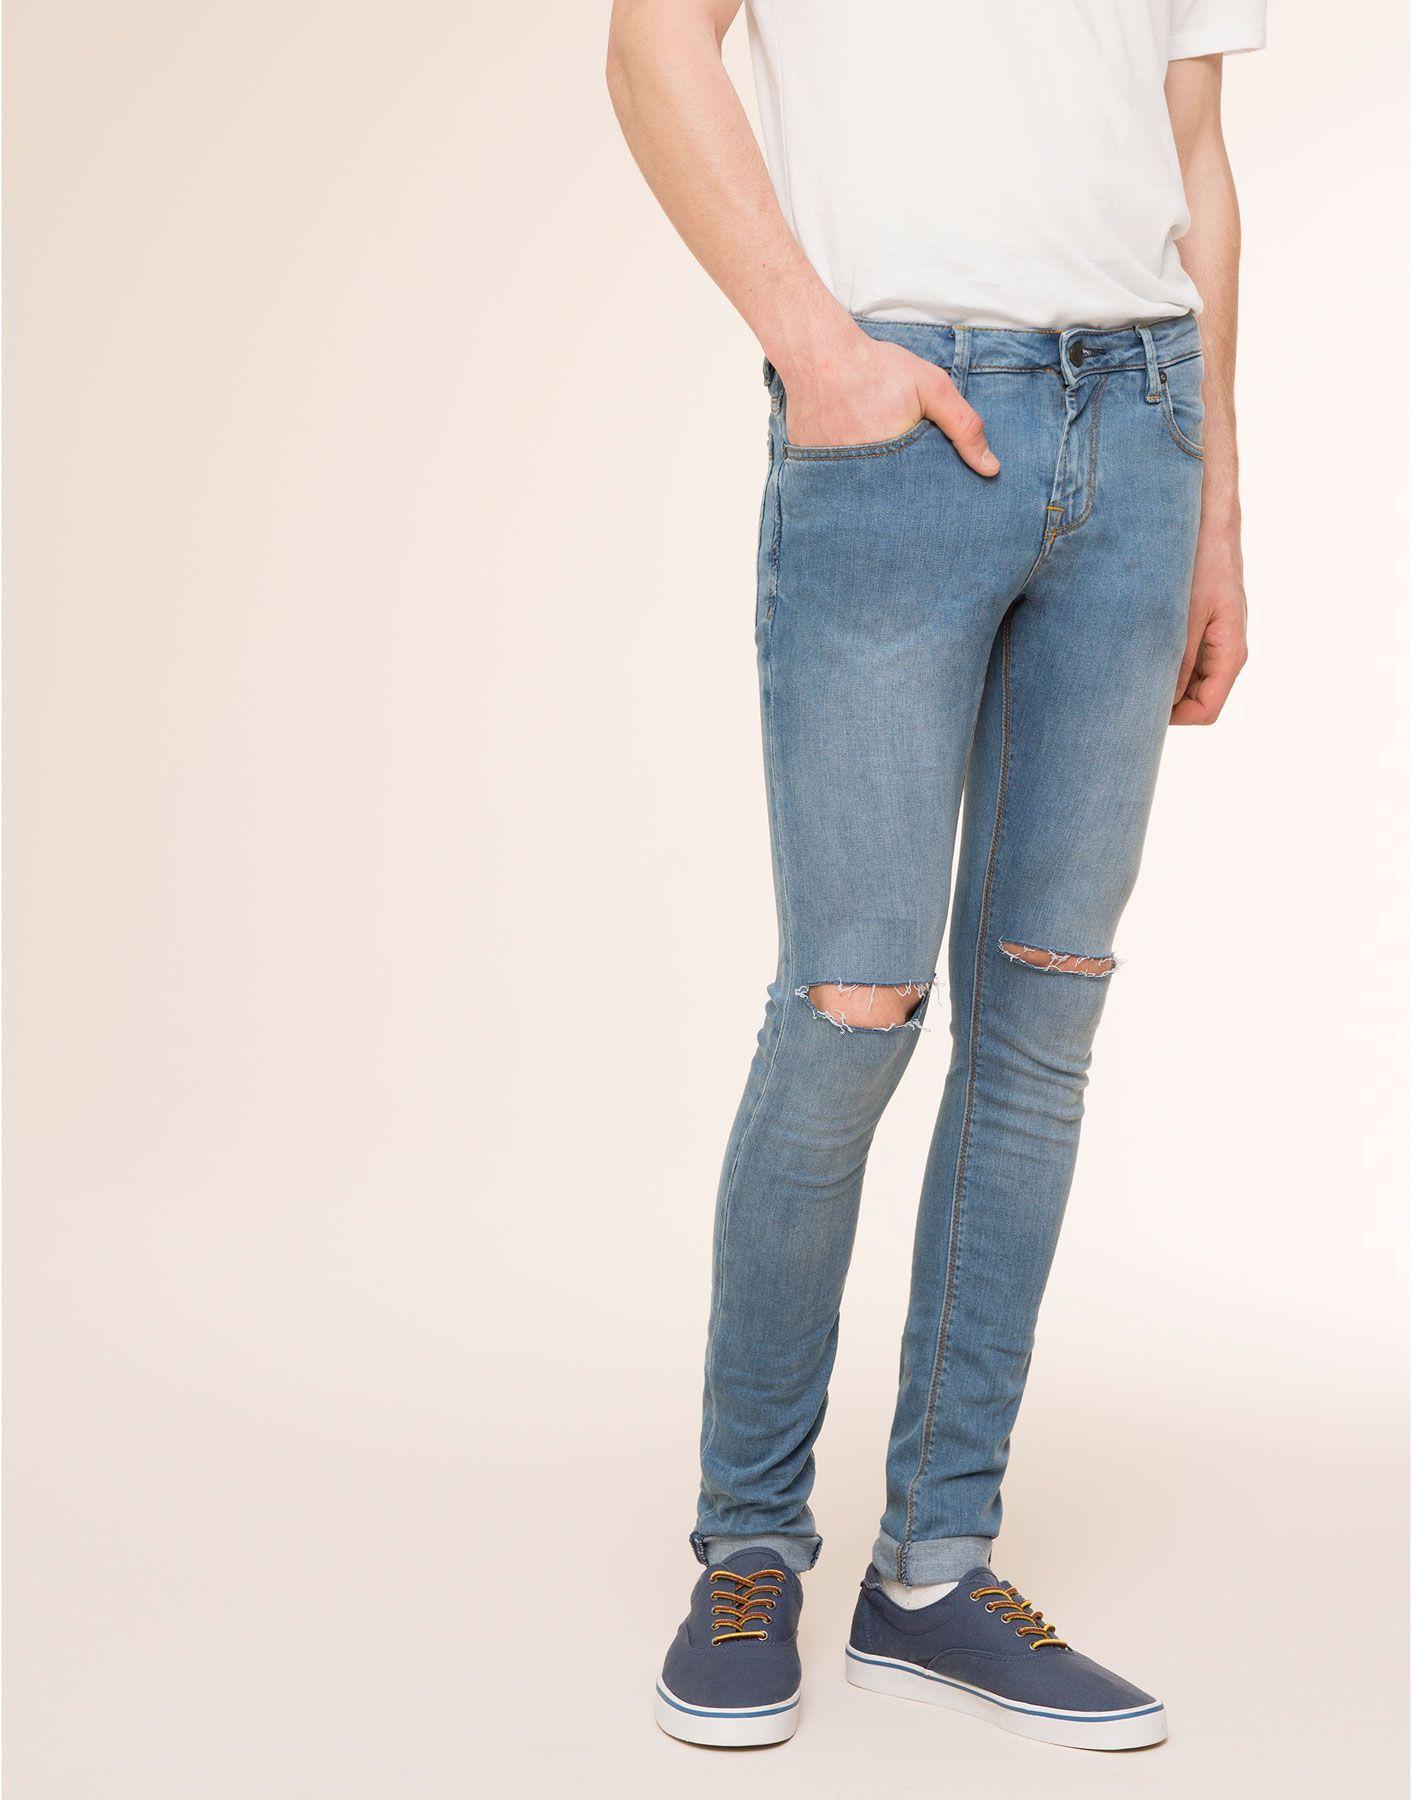 ästhetisches Aussehen neue Liste Qualität und Quantität zugesichert LIGHT FADE SUPER SKINNY FIT JEANS | Hot Pants | Skinny fit ...